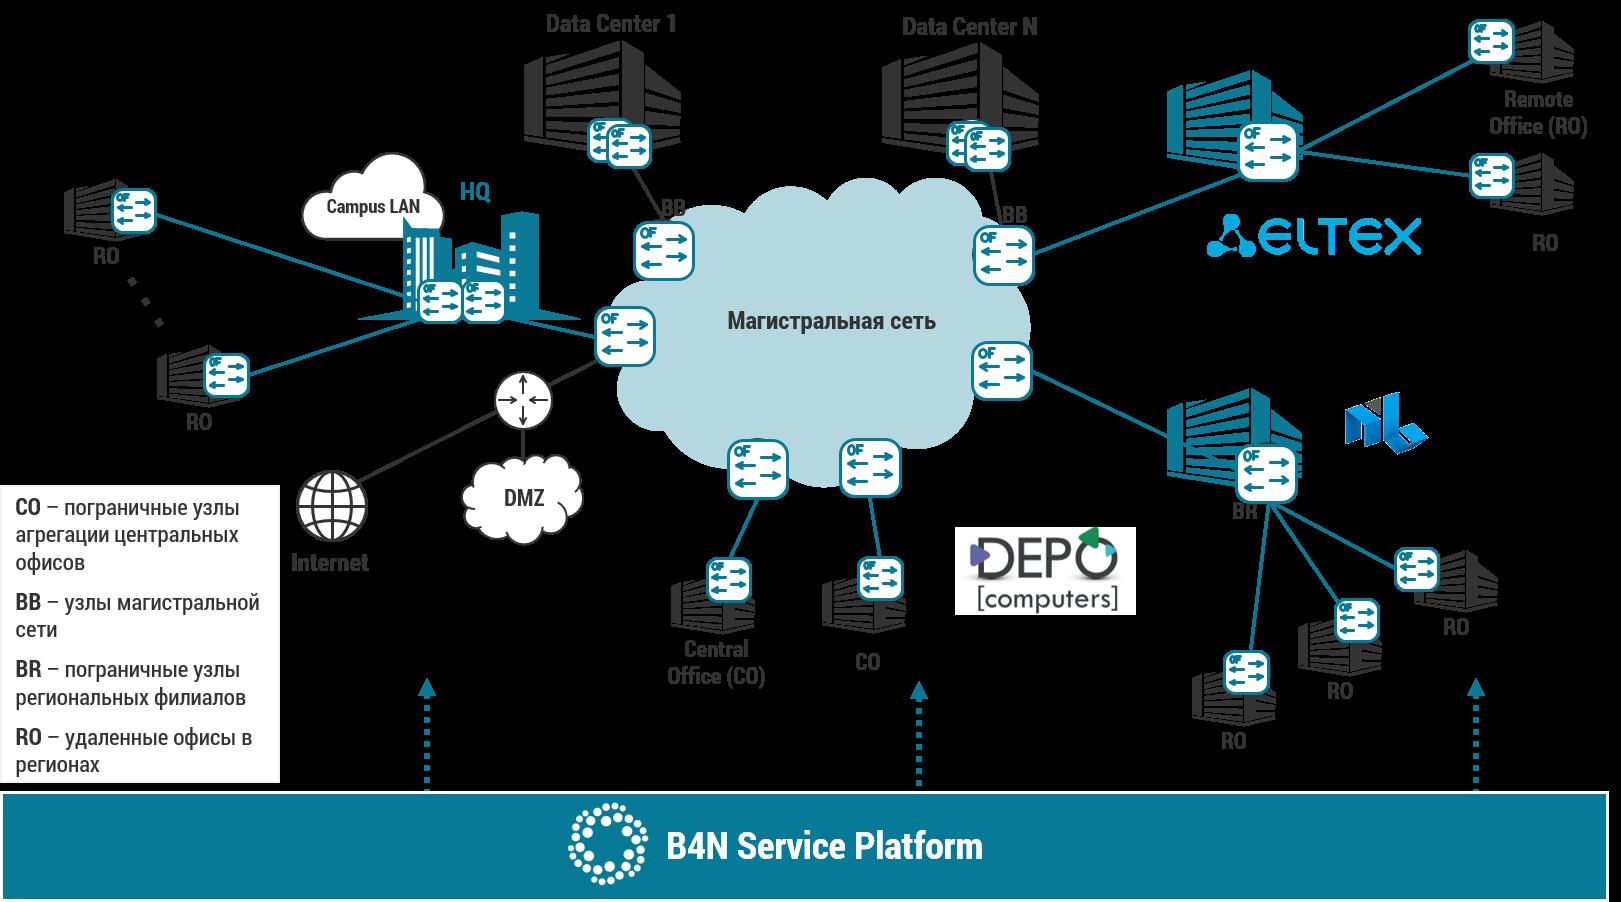 Решение SDN Transport для корпоративных сетей и операторов связи